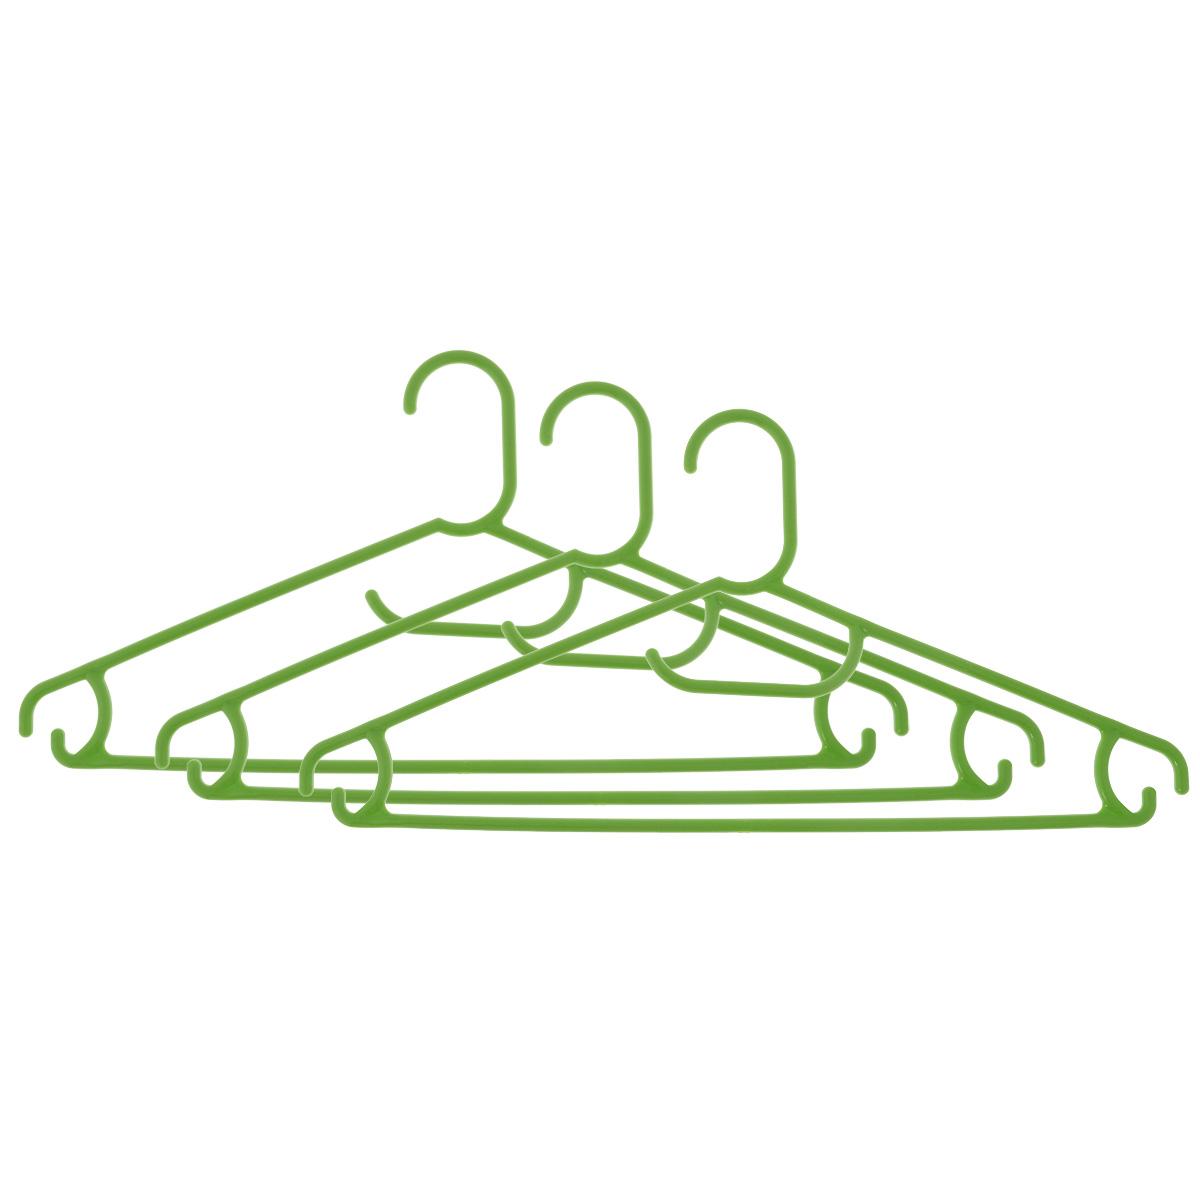 Набор вешалок Econova, цвет: салатовый, размер 48, 3 штС12354Набор Econova выполненный из прочного пластика, состоит из 3 вешалок.Каждое изделие оснащено перекладиной, боковыми крючками, а также крючком для галстуков. Вешалка - это незаменимая вещь для того, чтобы ваша одежда всегда оставалась в хорошем состоянии.Комплектация: 3 шт.Размер одежды: 48.